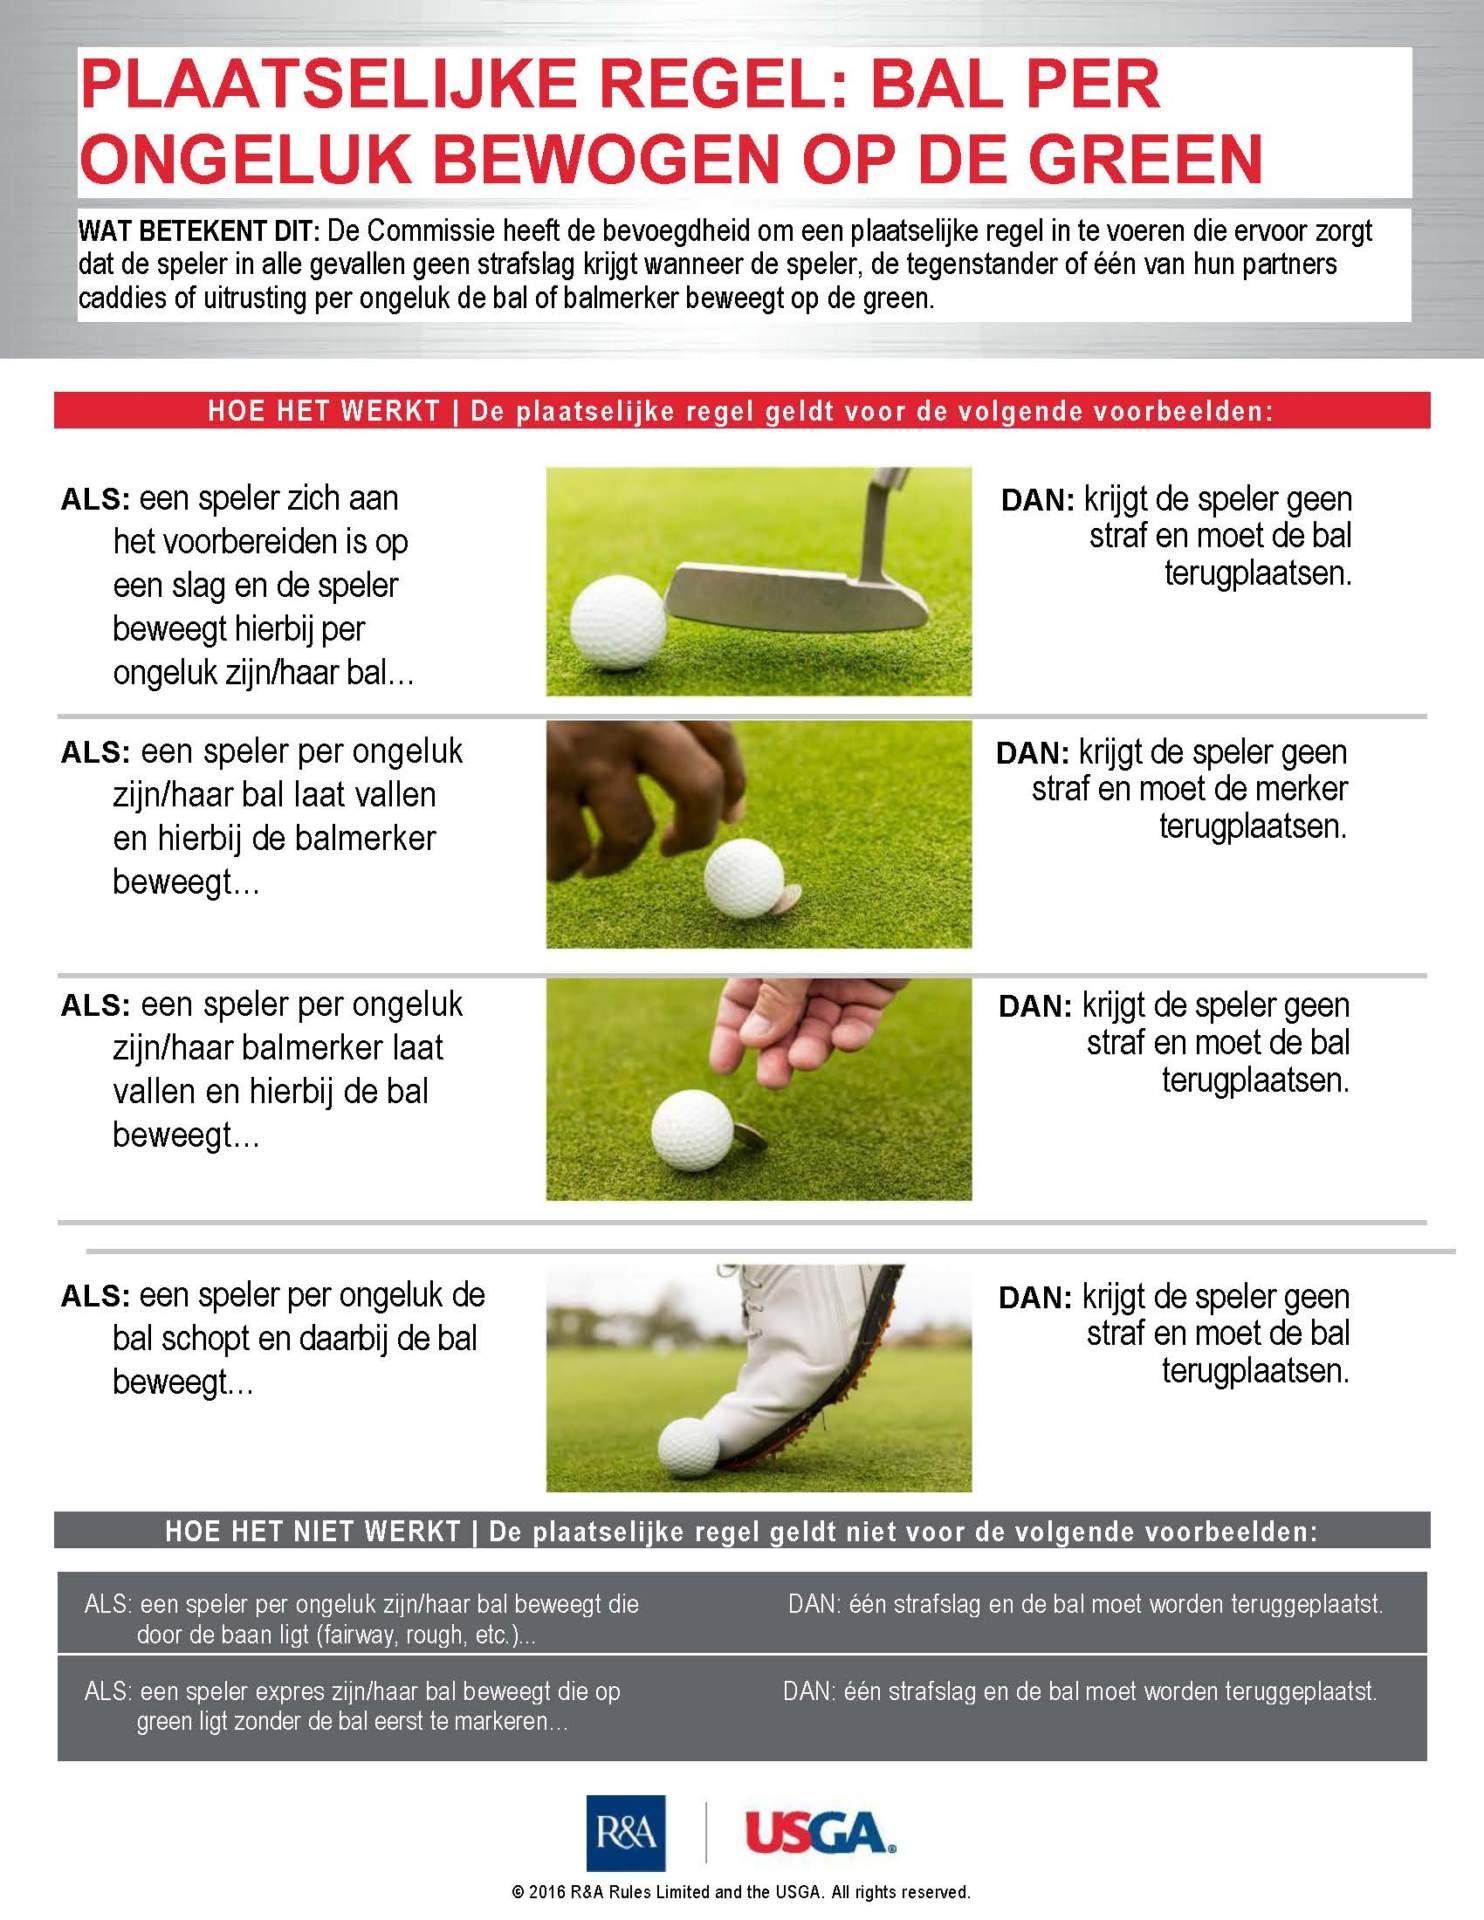 Plaatselijke regel: Bal per ongeluk bewogen op de green